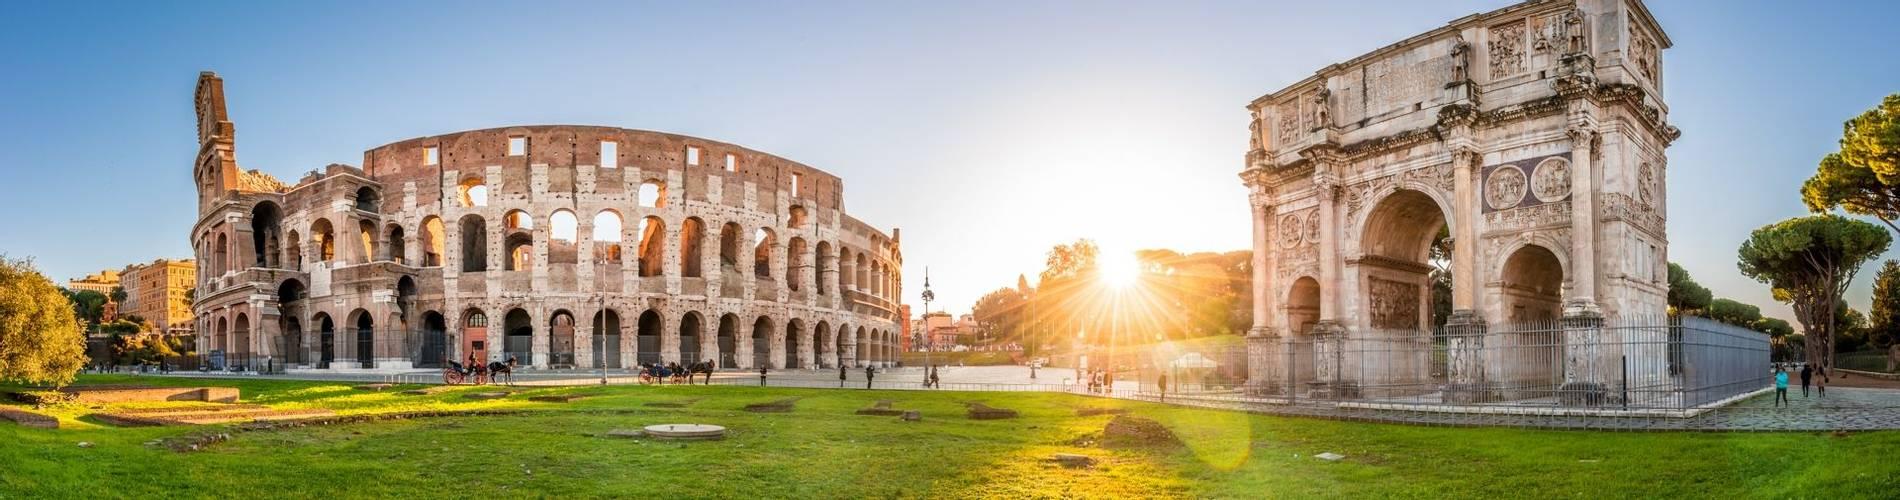 Rome (3).jpg